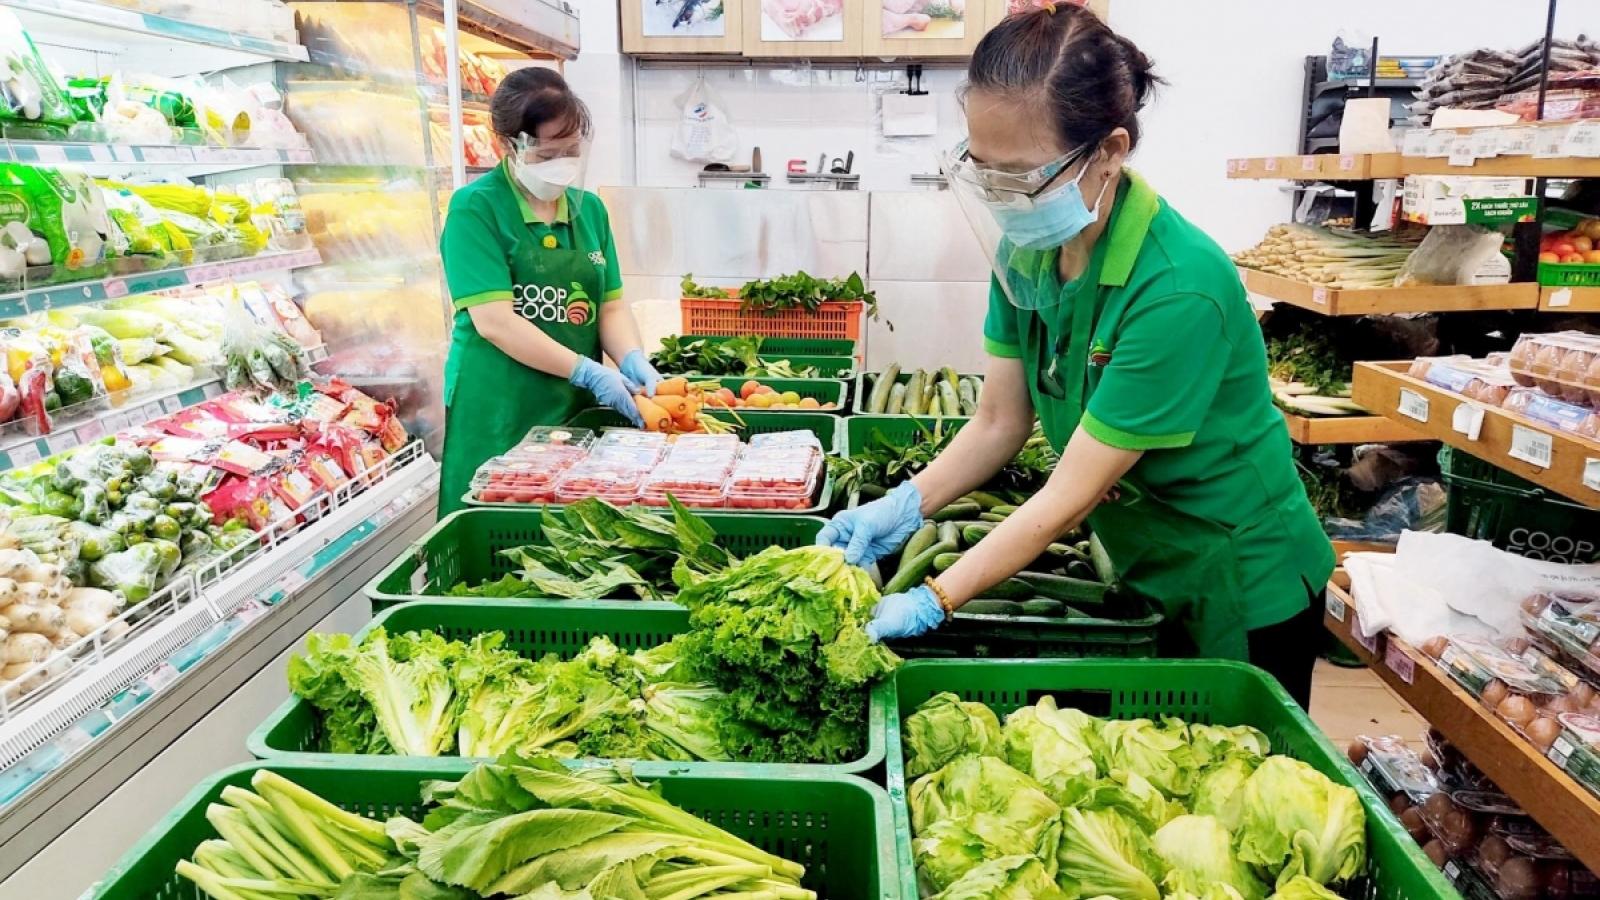 """Giá thực phẩm ở TP.HCM ổn định trở lại trong trạng thái """"bình thường mới"""""""